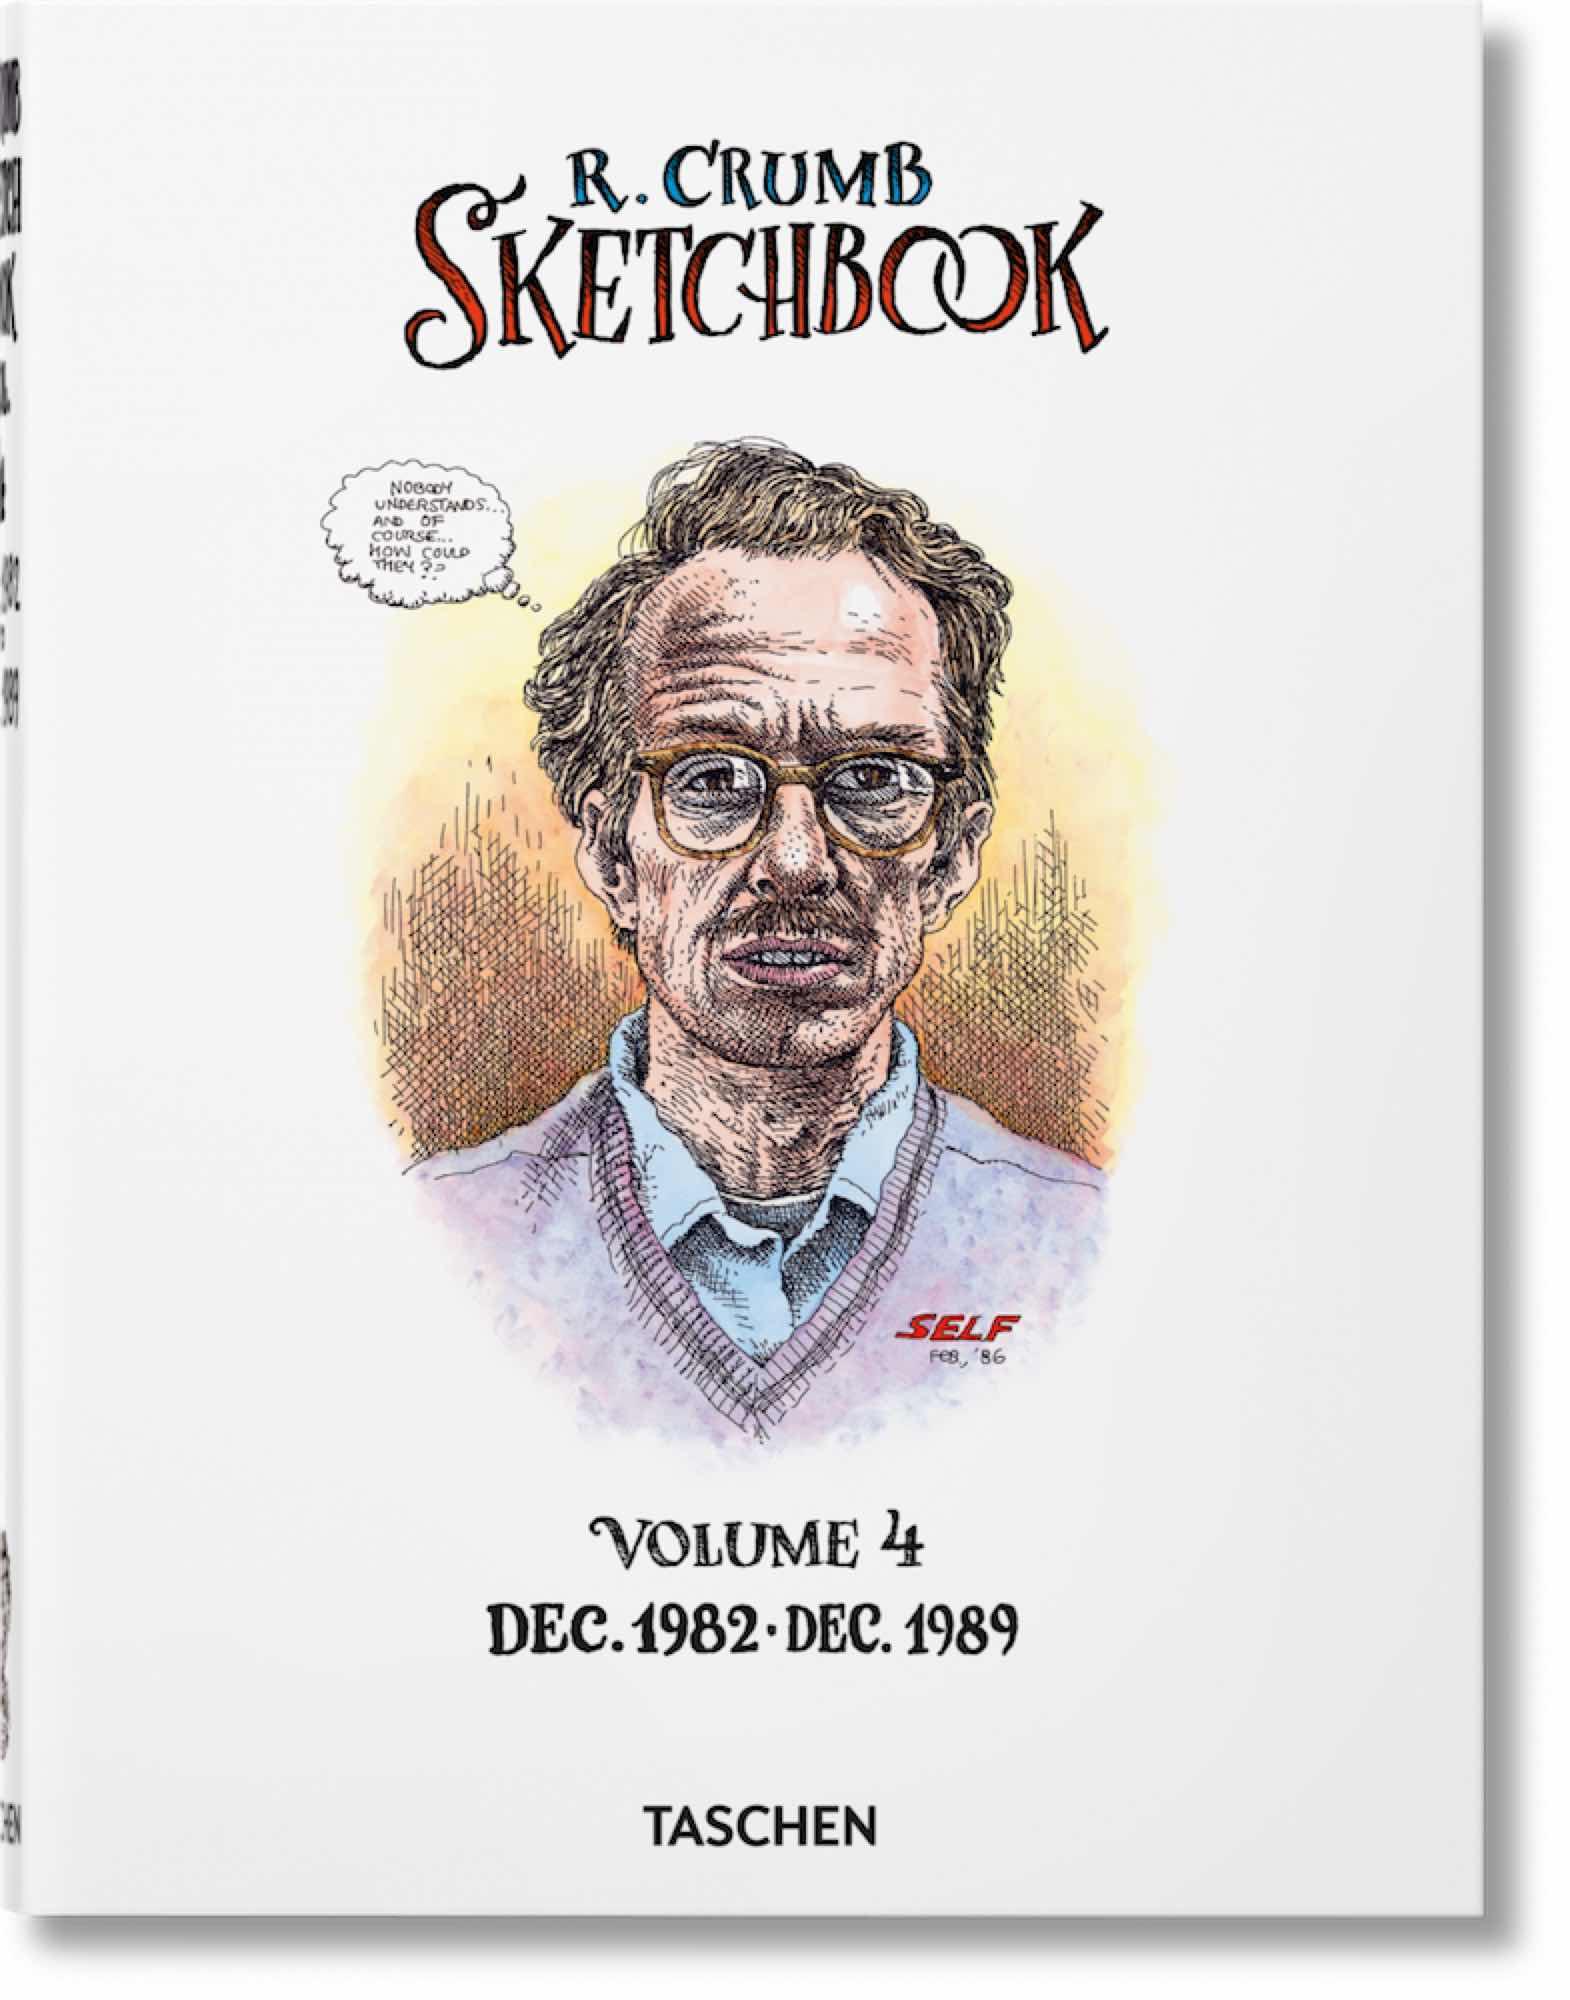 ROBERT CRUMB. SKETCHBOOK. VOL. 4: JAN 1982 - DEC 1989